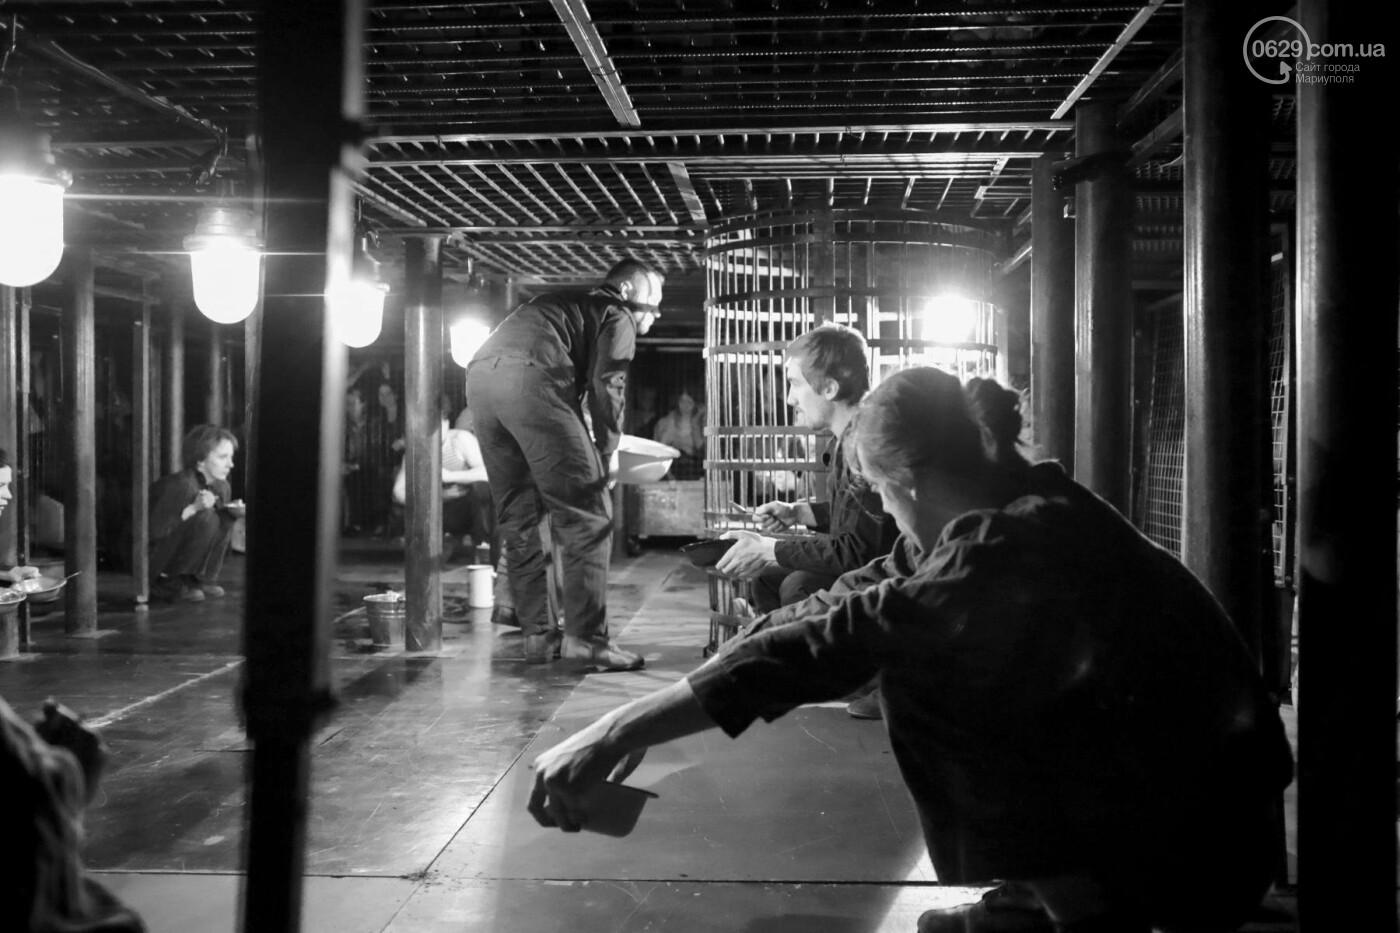 """В Мариуполе зрителей  спектакля  """"Собачья будка"""" посадили в клетку (ФОТО, ВИДЕО), фото-9"""